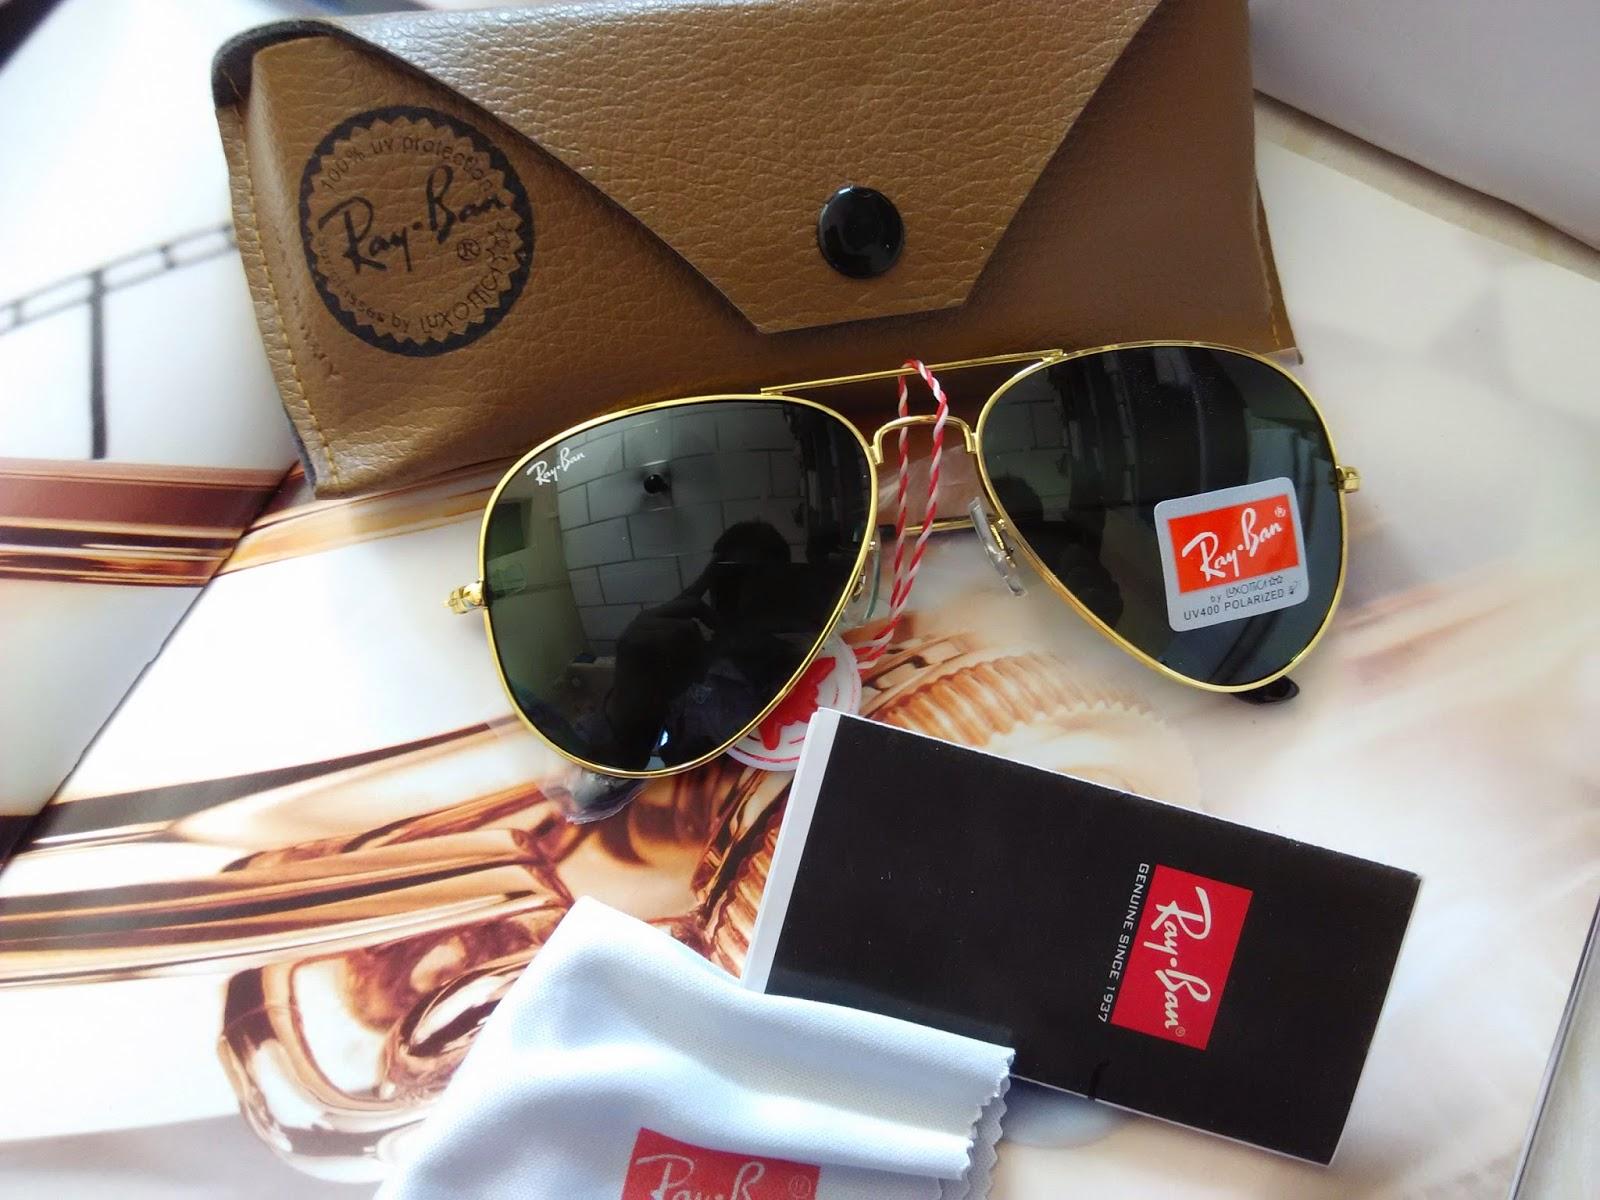 e6bc1166ab Ray ban sunglasses Rb3026 golden rim bottle green lens